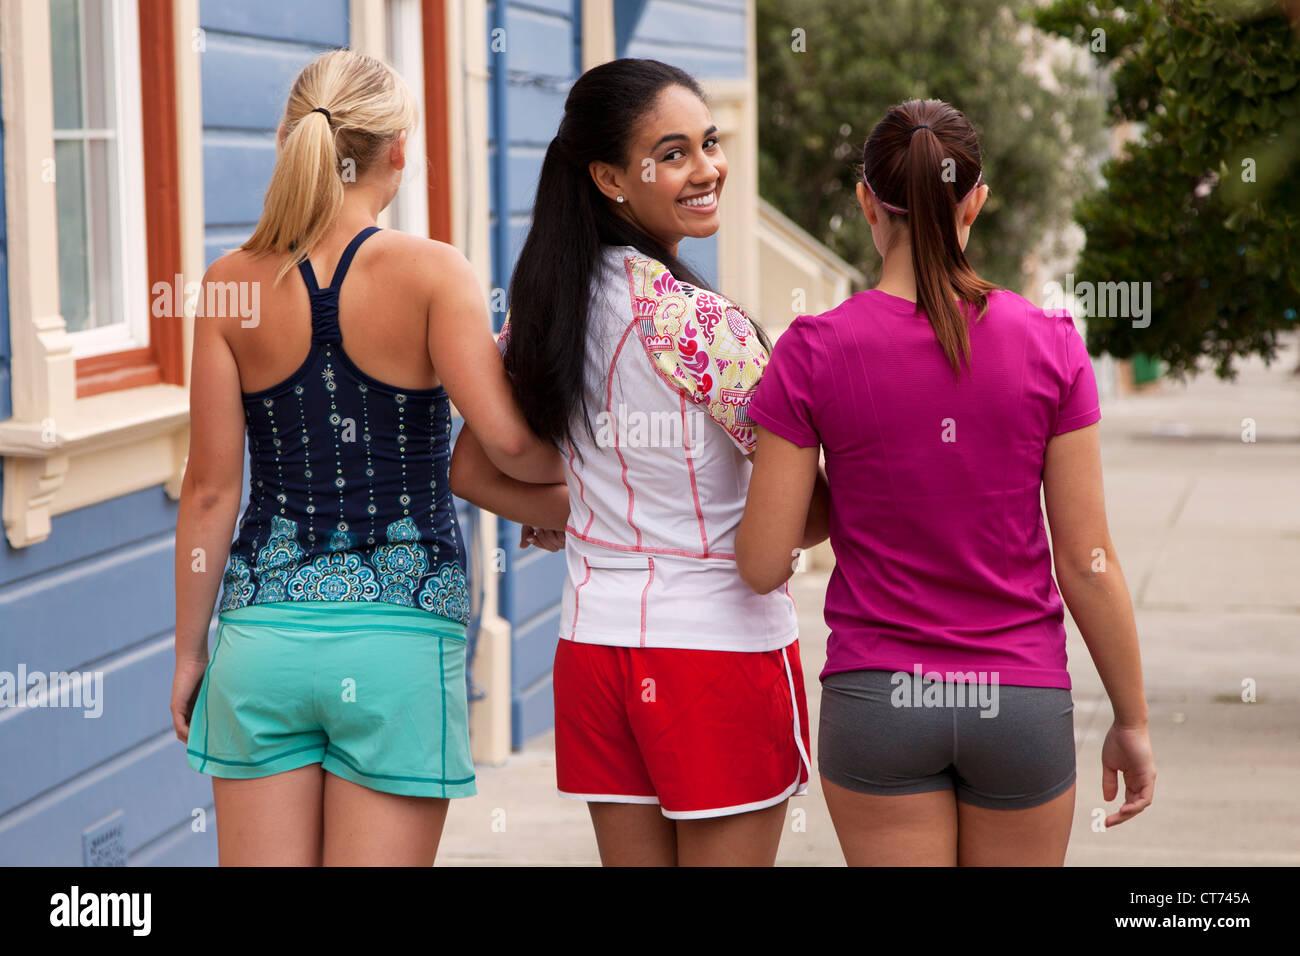 Drei Mädchen in Fitnesskleidung sind Fuß die Straße hinunter. Stockbild